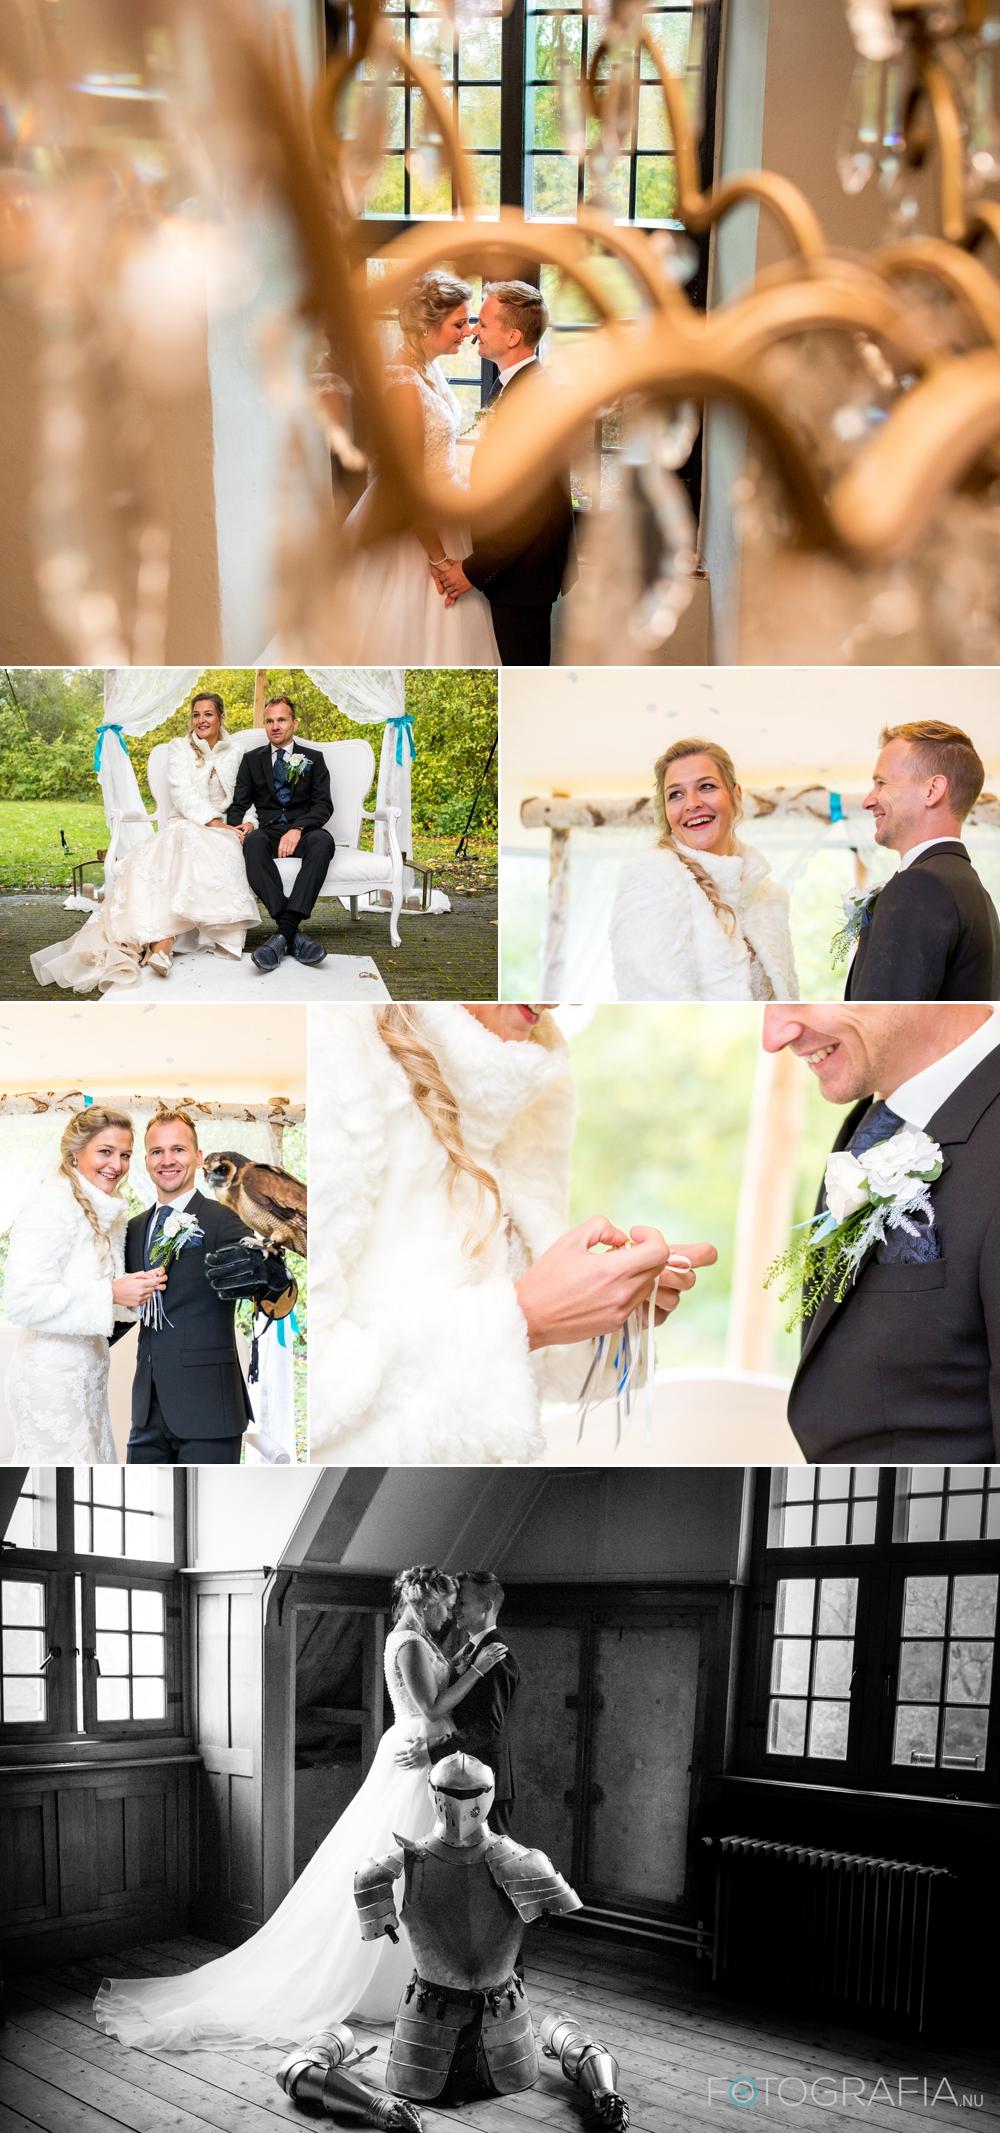 Bruidspaar bruidsbeurs